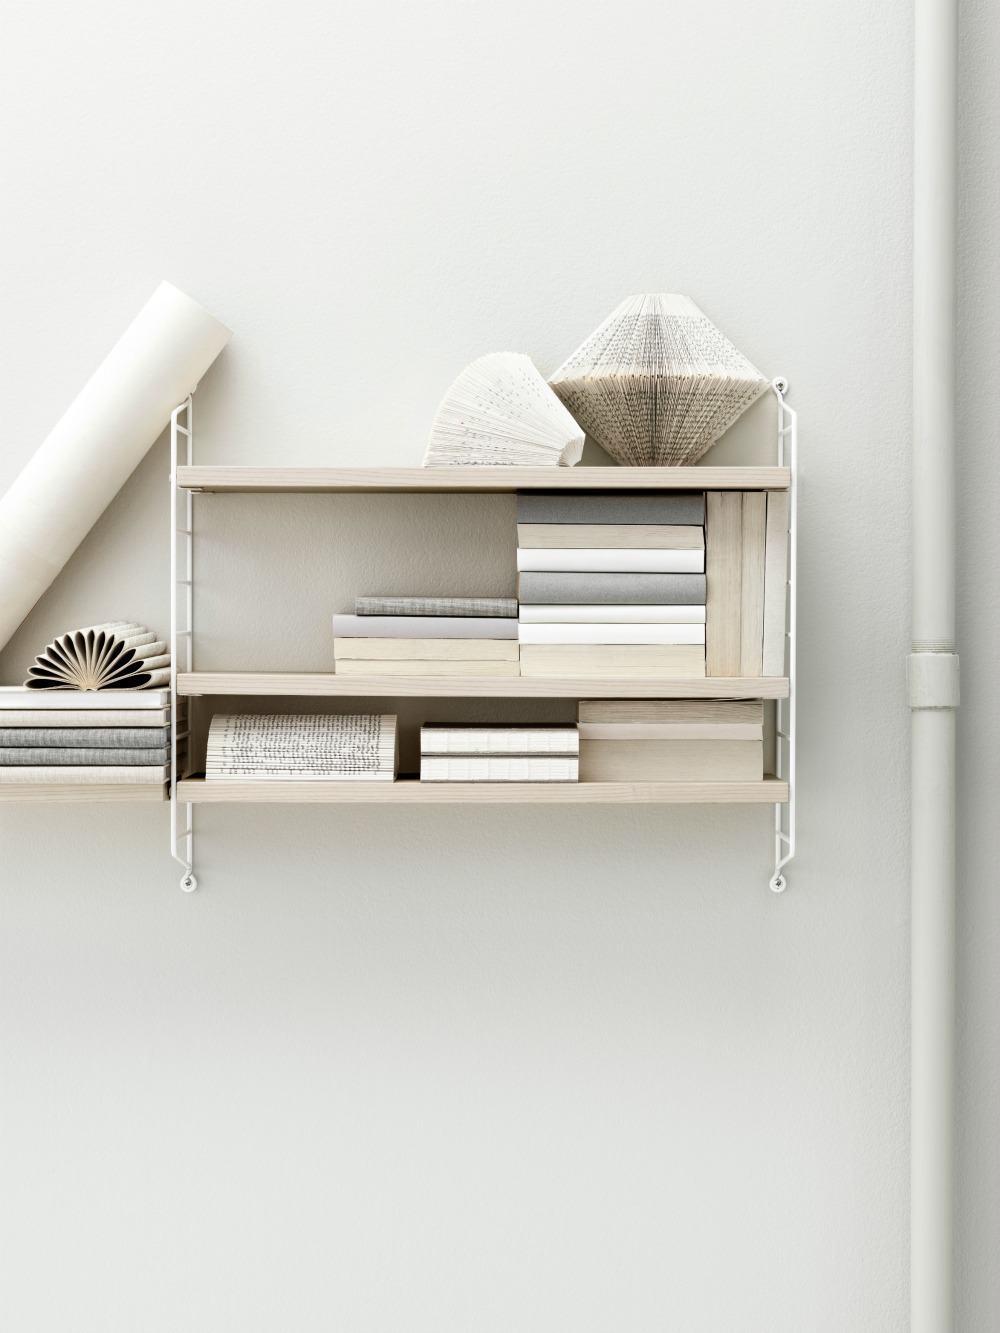 kleinm bel design design. Black Bedroom Furniture Sets. Home Design Ideas